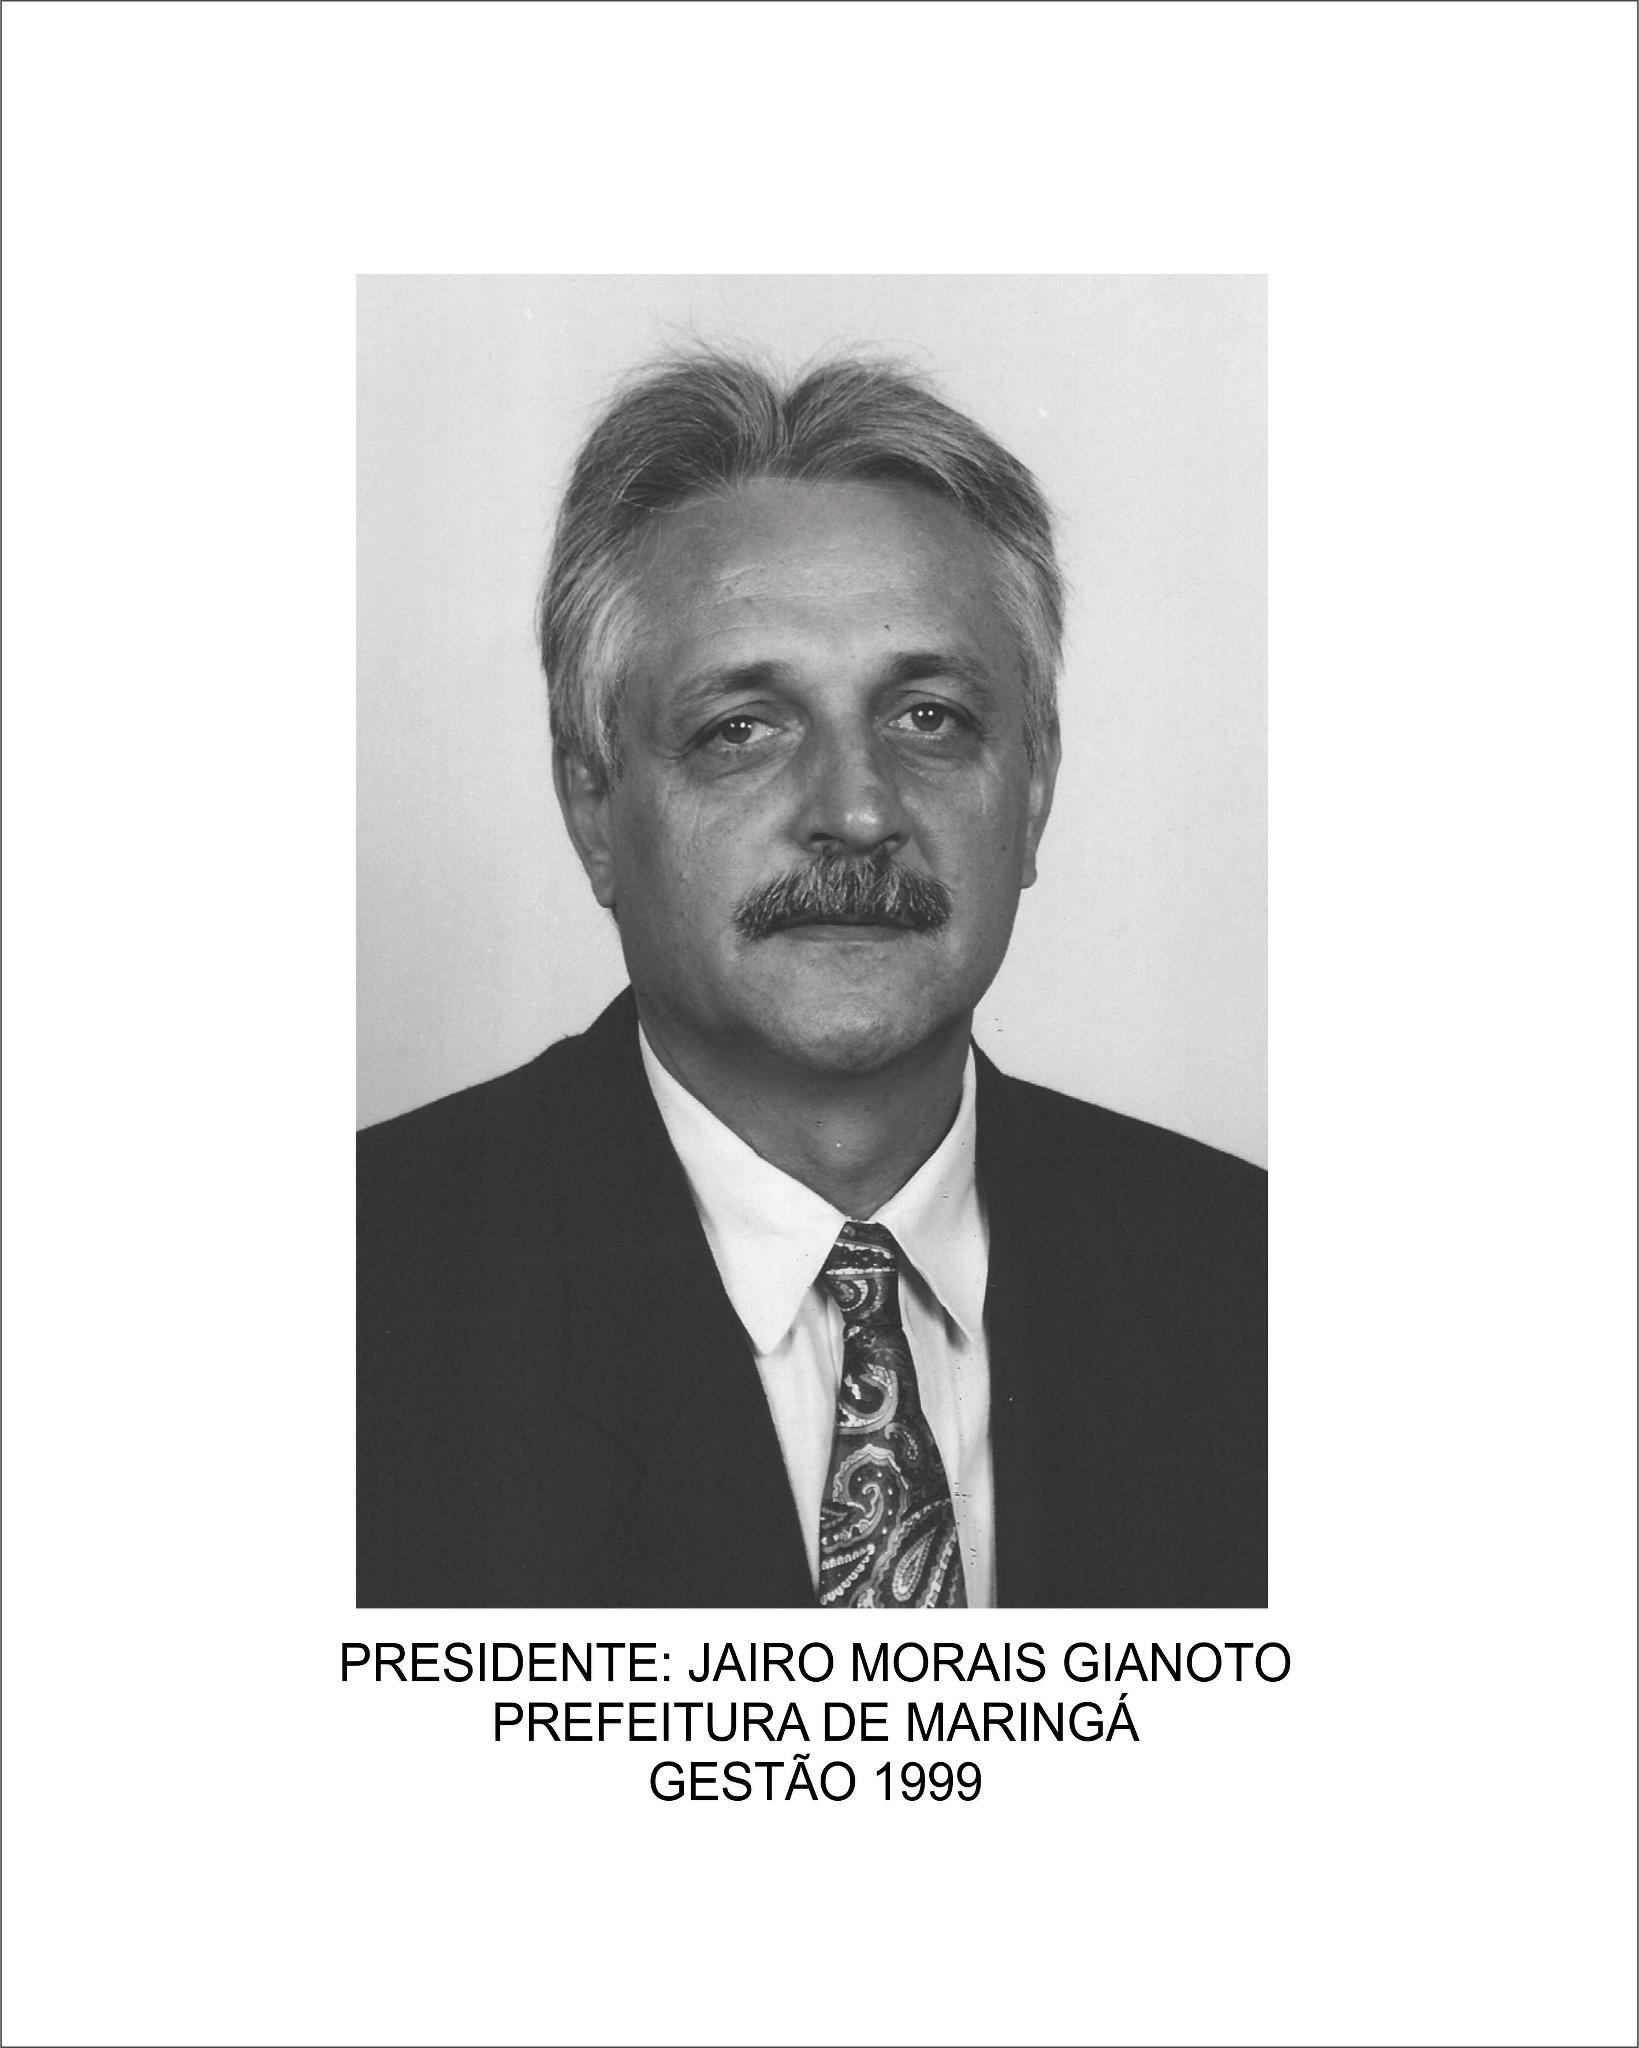 Jairo Morais Gianoto